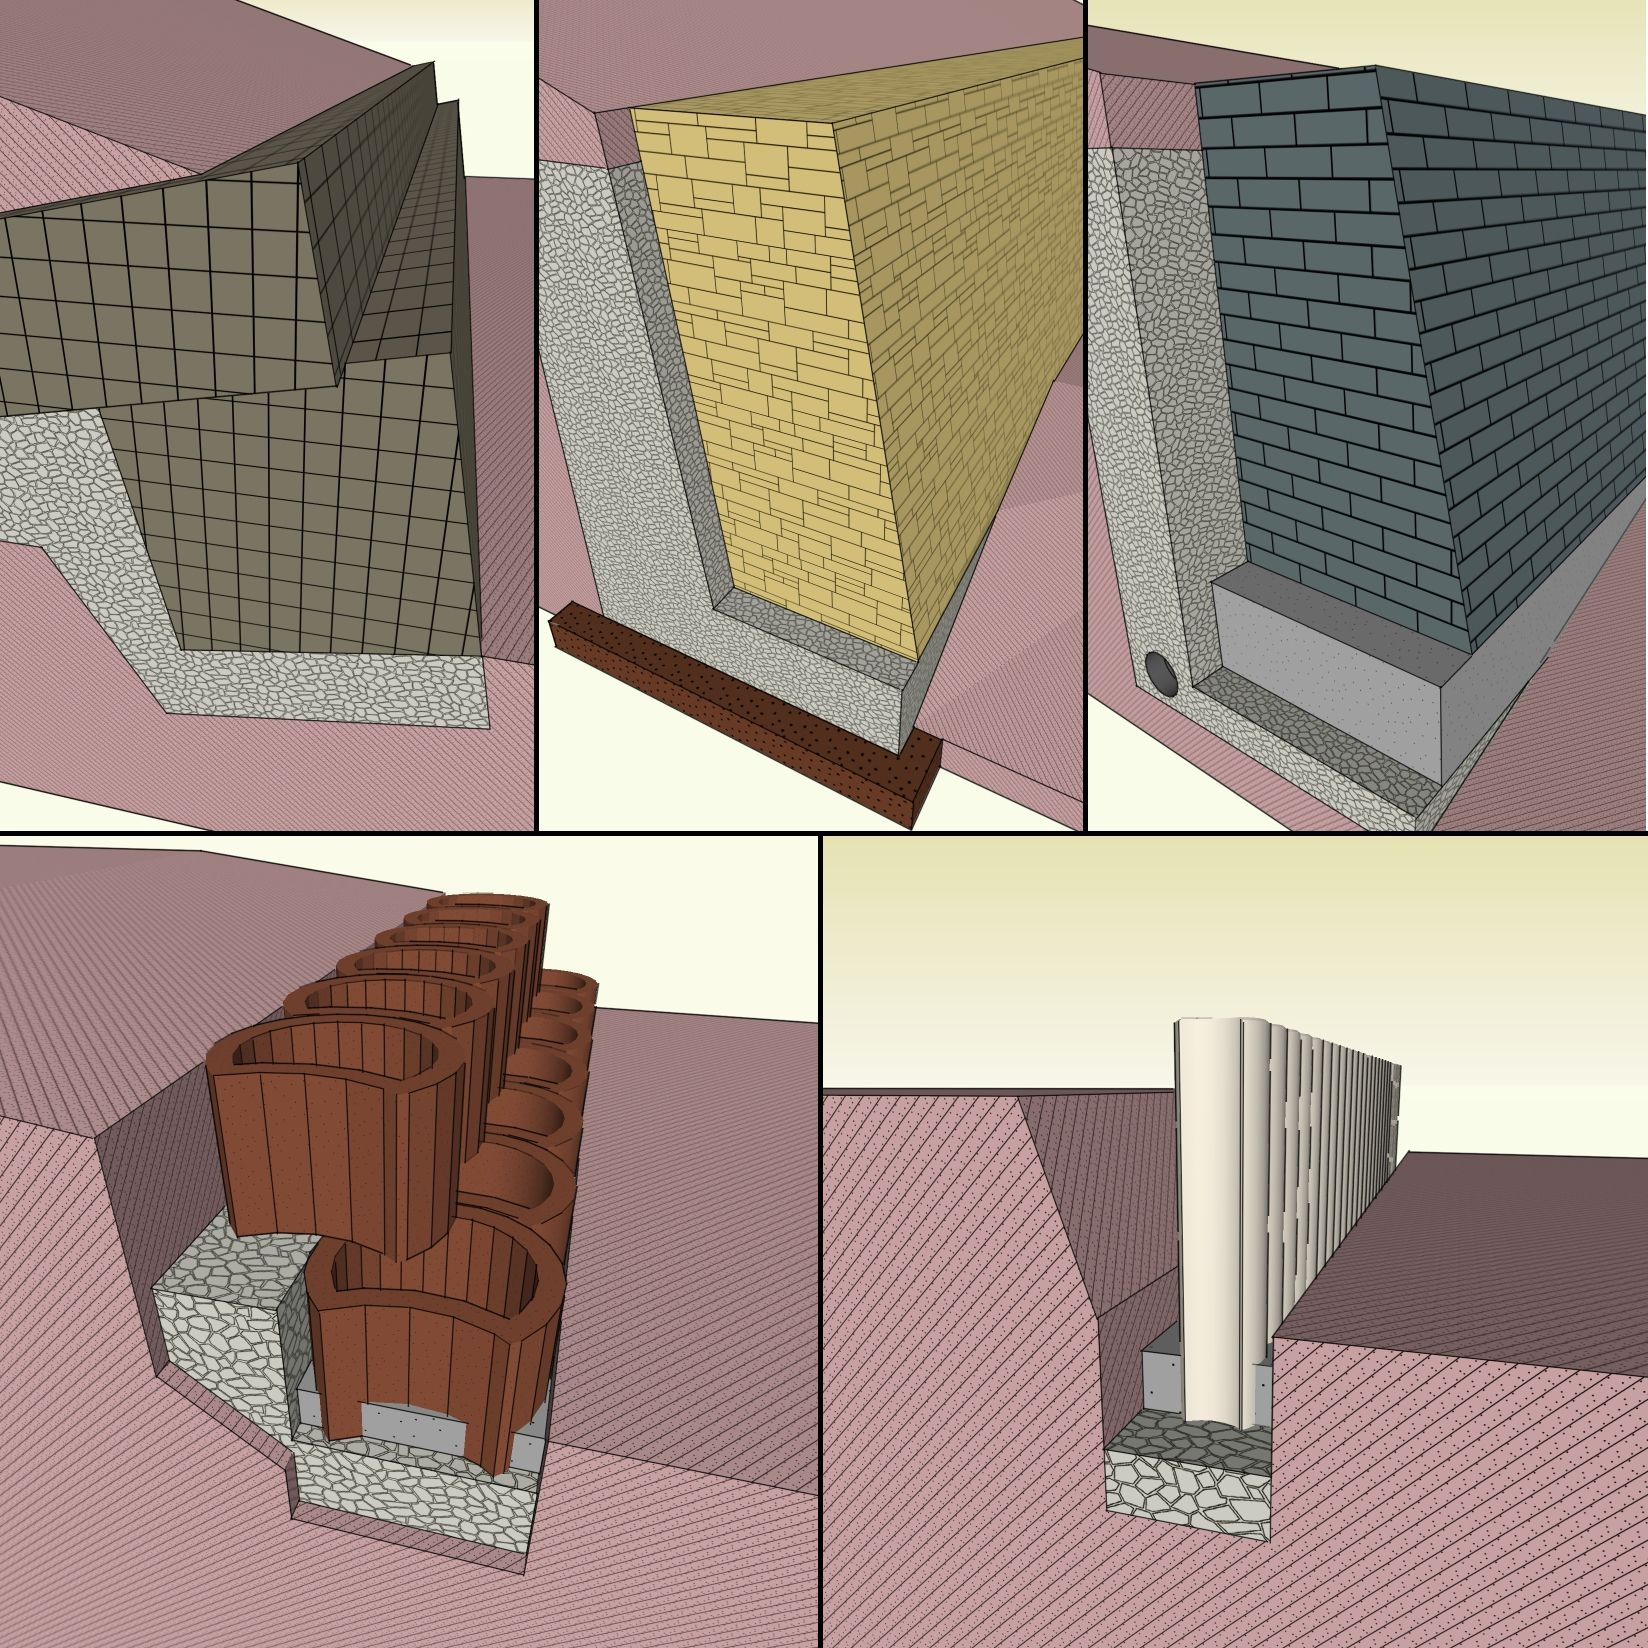 hangbefestigung und b schungsschutz einen hang befestigen mit b schungssteinen hangflorsteinen. Black Bedroom Furniture Sets. Home Design Ideas